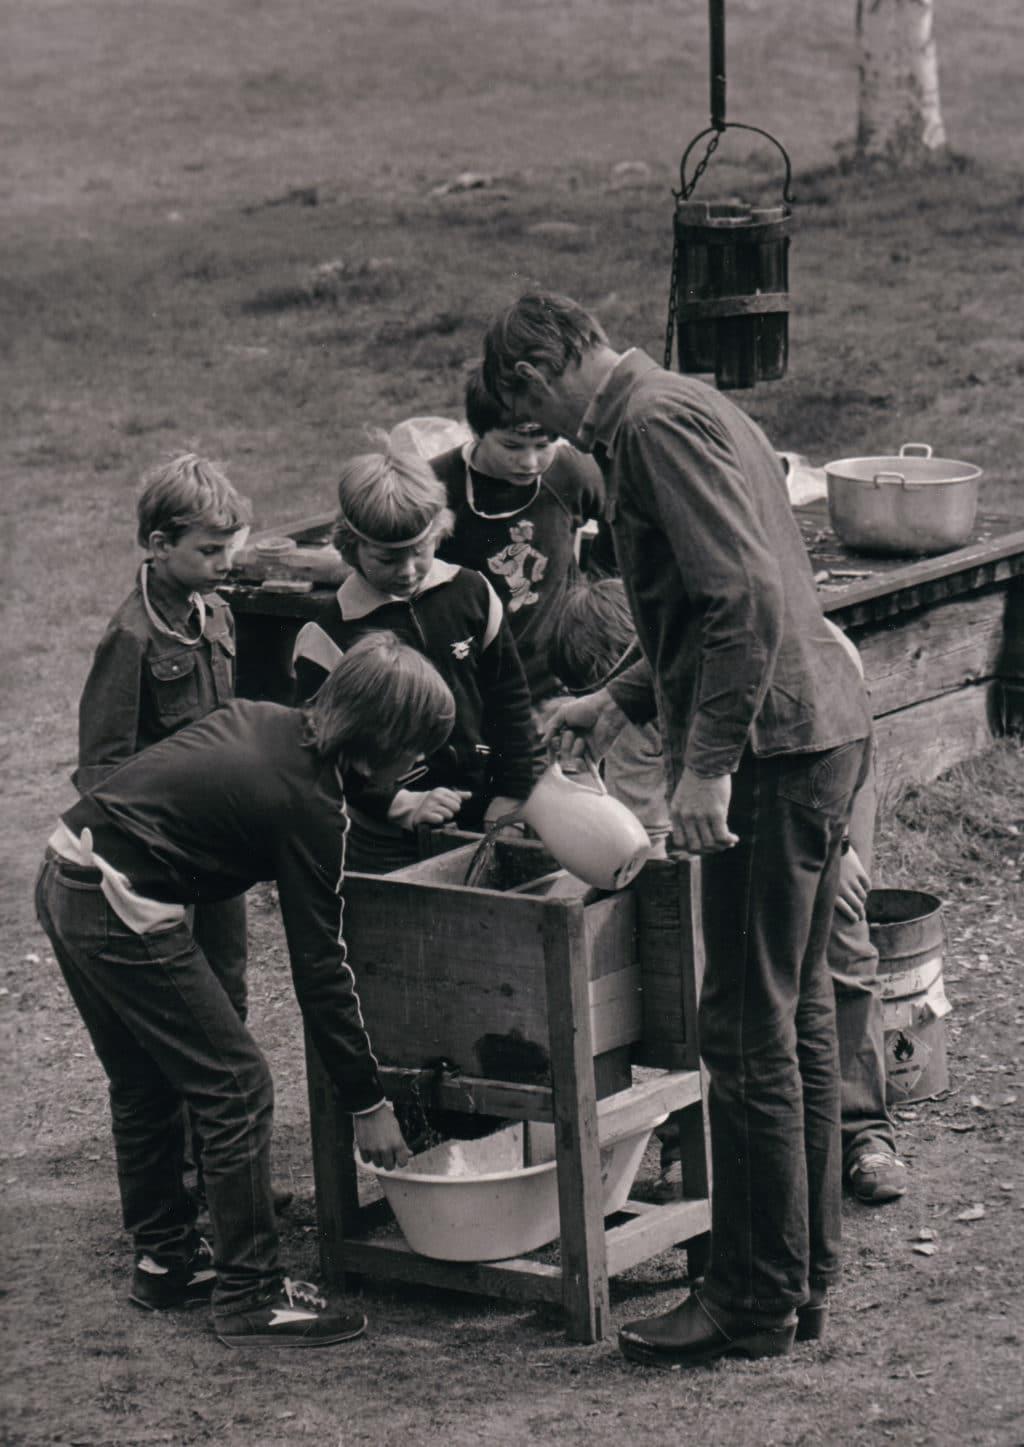 """En populär och årligen återkommande utflykt var Gammelgården där eleverna fick vara med om en """"tidsresa"""" i sällskap med Hans """"Hans Ersa"""" Eriksson (1928-2017), nestor på området Gammelgårdens historia. Här undervisar han skolelever i konsten att göra potatismjöl. Skala råpotatis som sköljs i vatten som sedan mals ner i en speciell kvarn för att stå i vatten i ett dygn så att potatismjölet fälls ut. Levande historia när den är som bäst. Foto från jubileumsboken Svegs Hembygdsgård 100 år, Mats Haldosén 2013."""